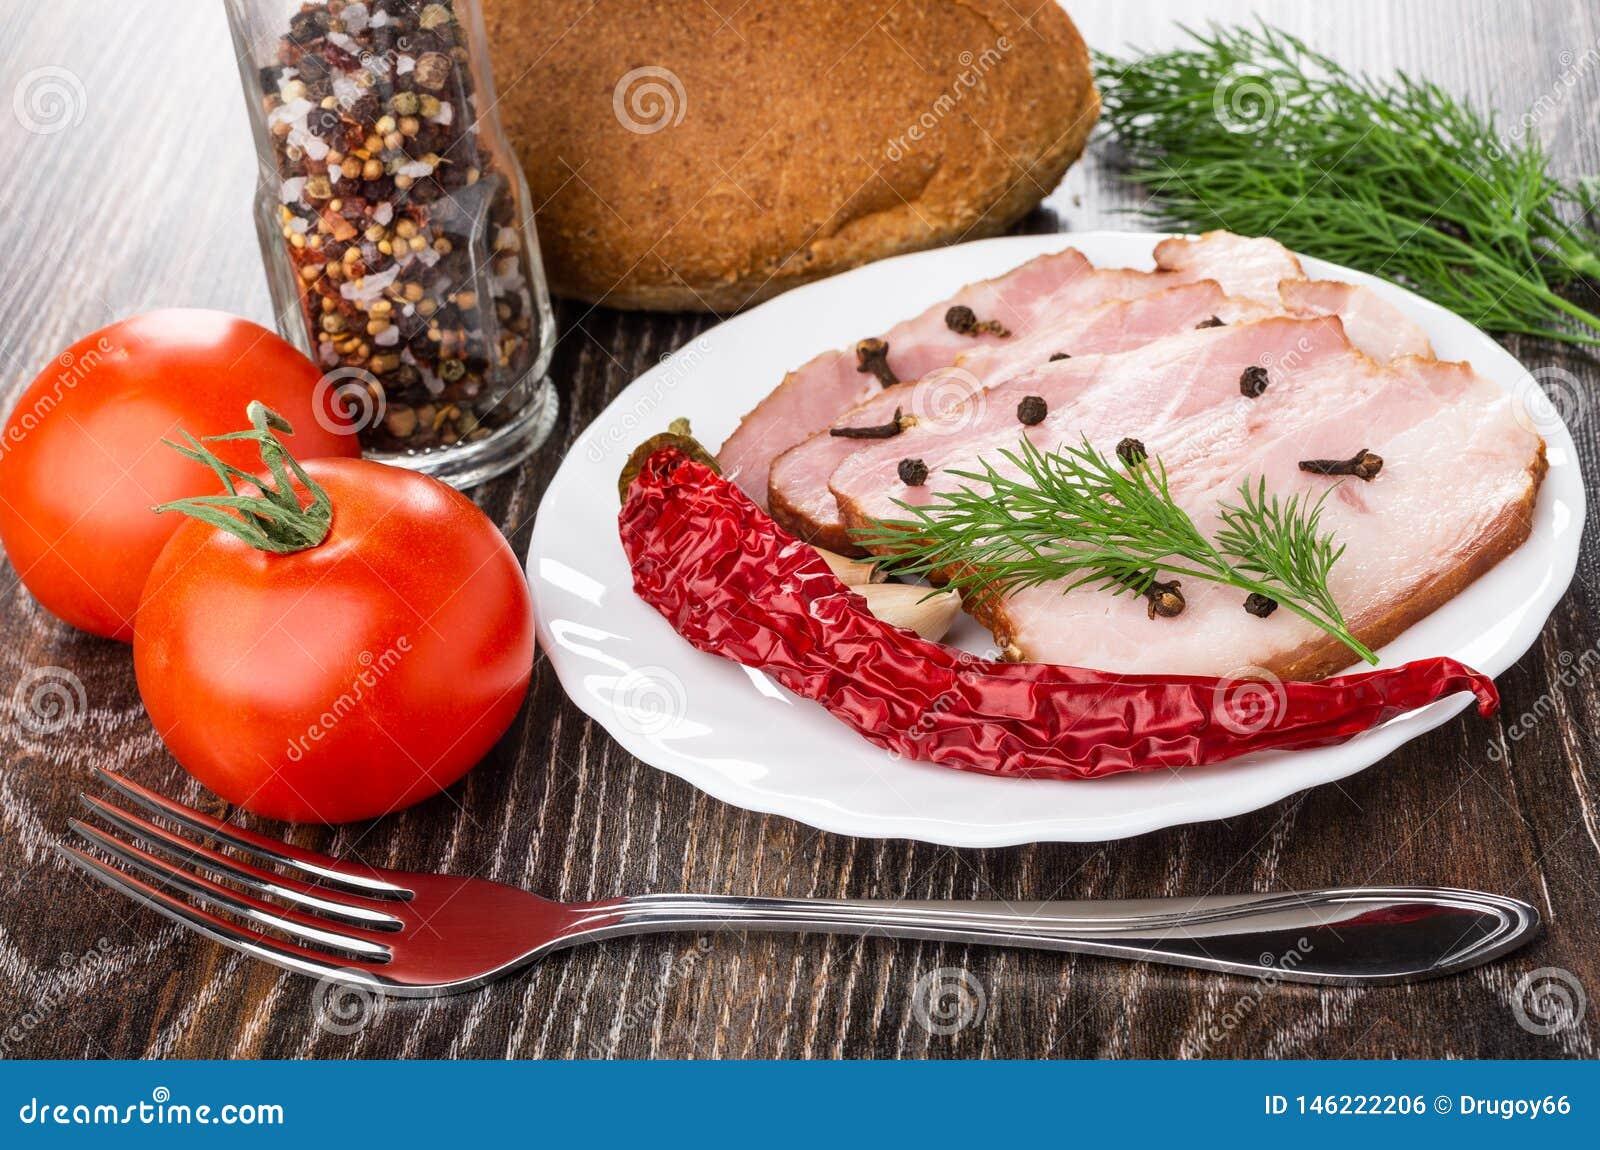 Plakken van borststuk, kruidnagel en zwarte peper, dille in plaat, tomaten, knoflook, brood, rode tomaten, fles van specerij, vor